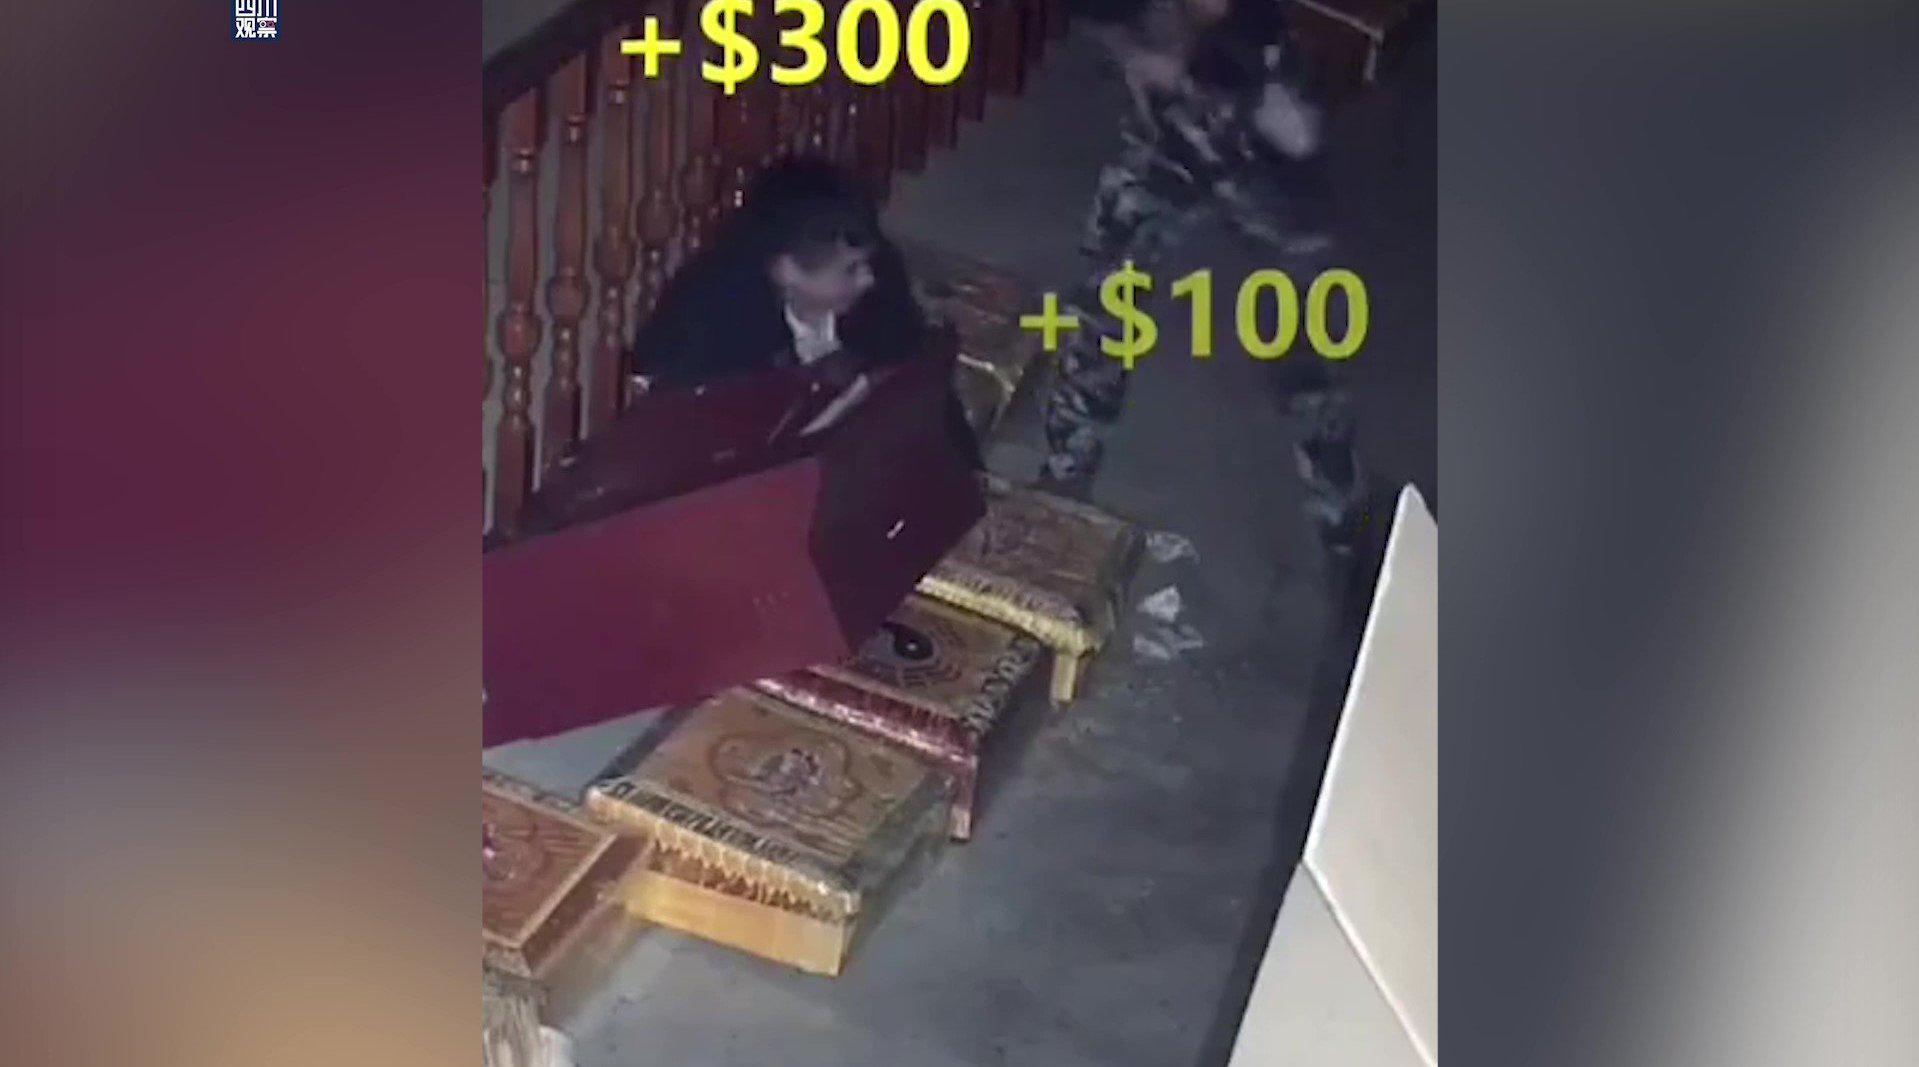 两小偷盗取财神庙功德箱 网友:财神的钱也拿吗